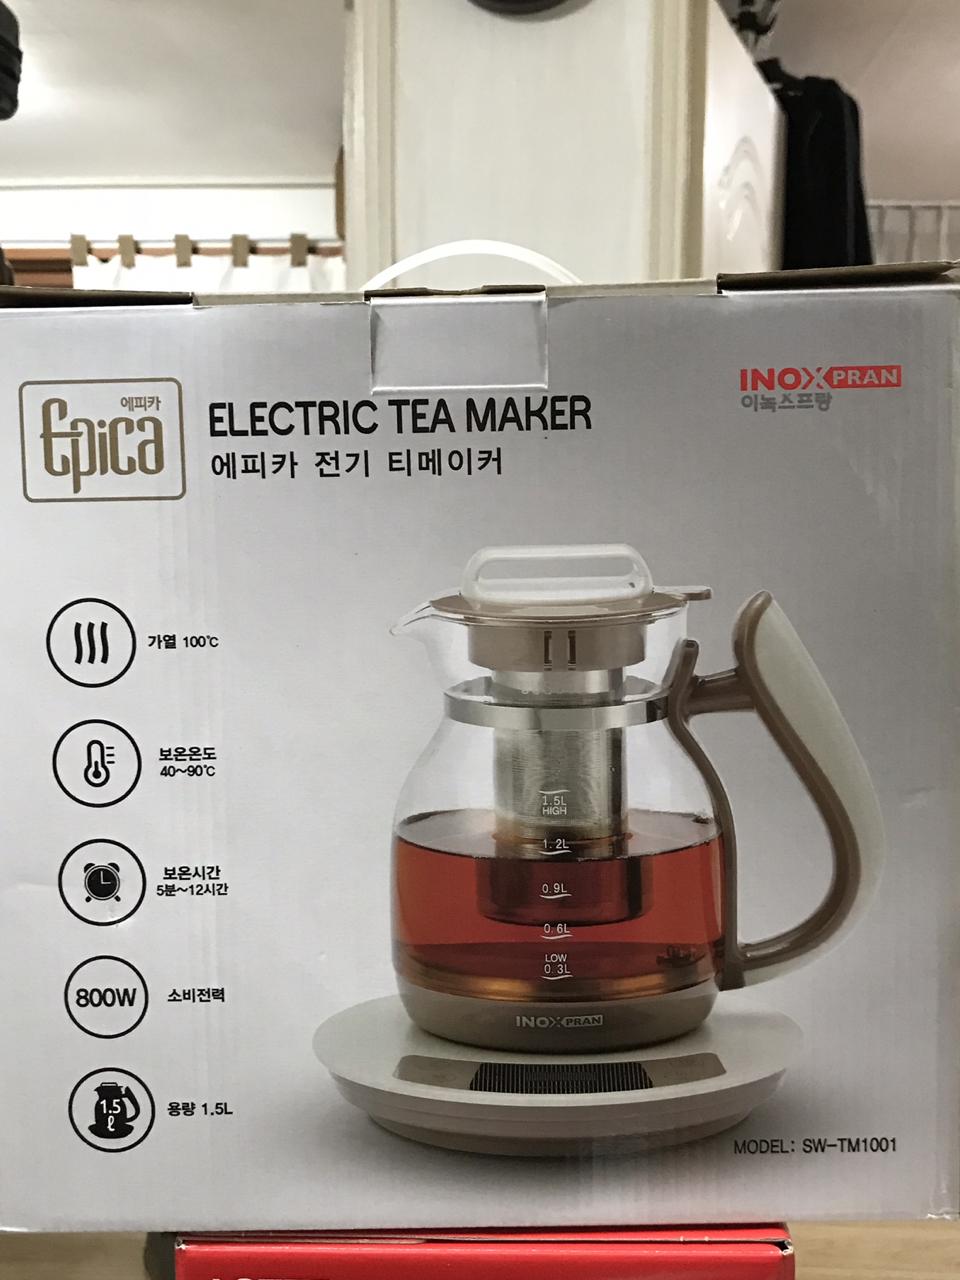 새상품 이녹스프랑 에피카 전기 티메이커 전기주전자